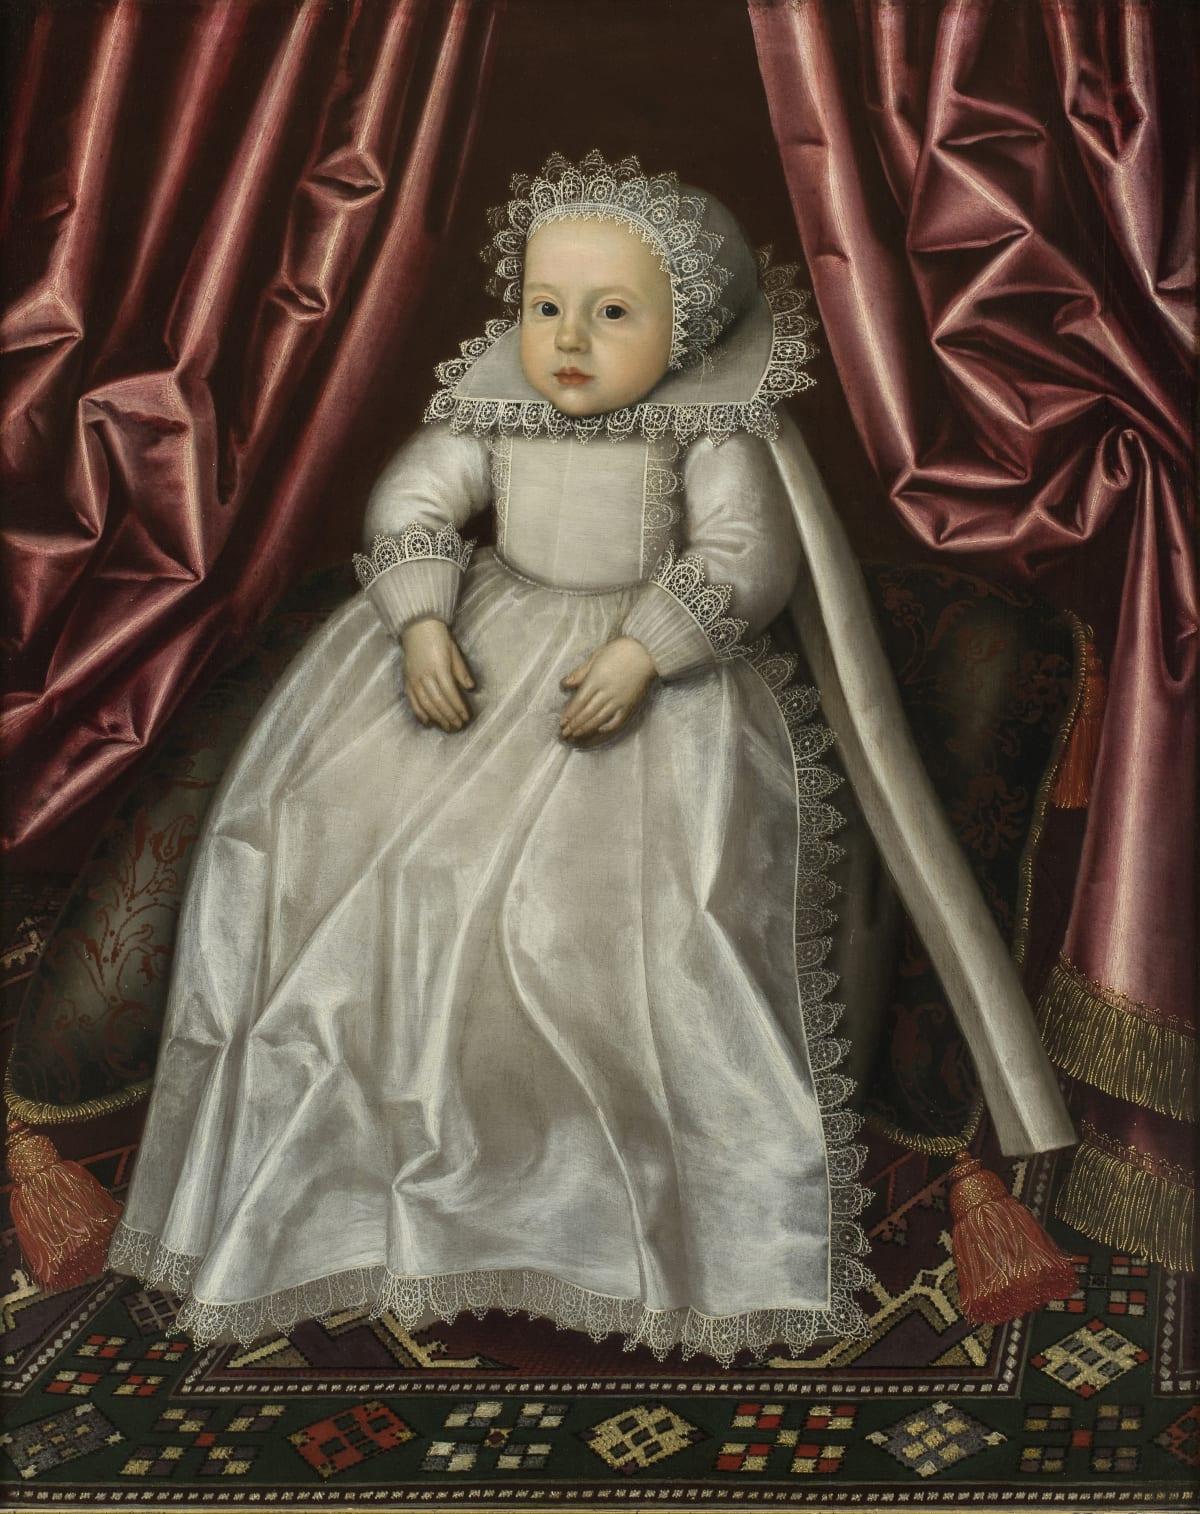 William Larkin (c.1585 – 1619) A Noble Baby, c.1615 Oil on panel 35 ½ × 28 in. (90.1 × 71.1 cm.)